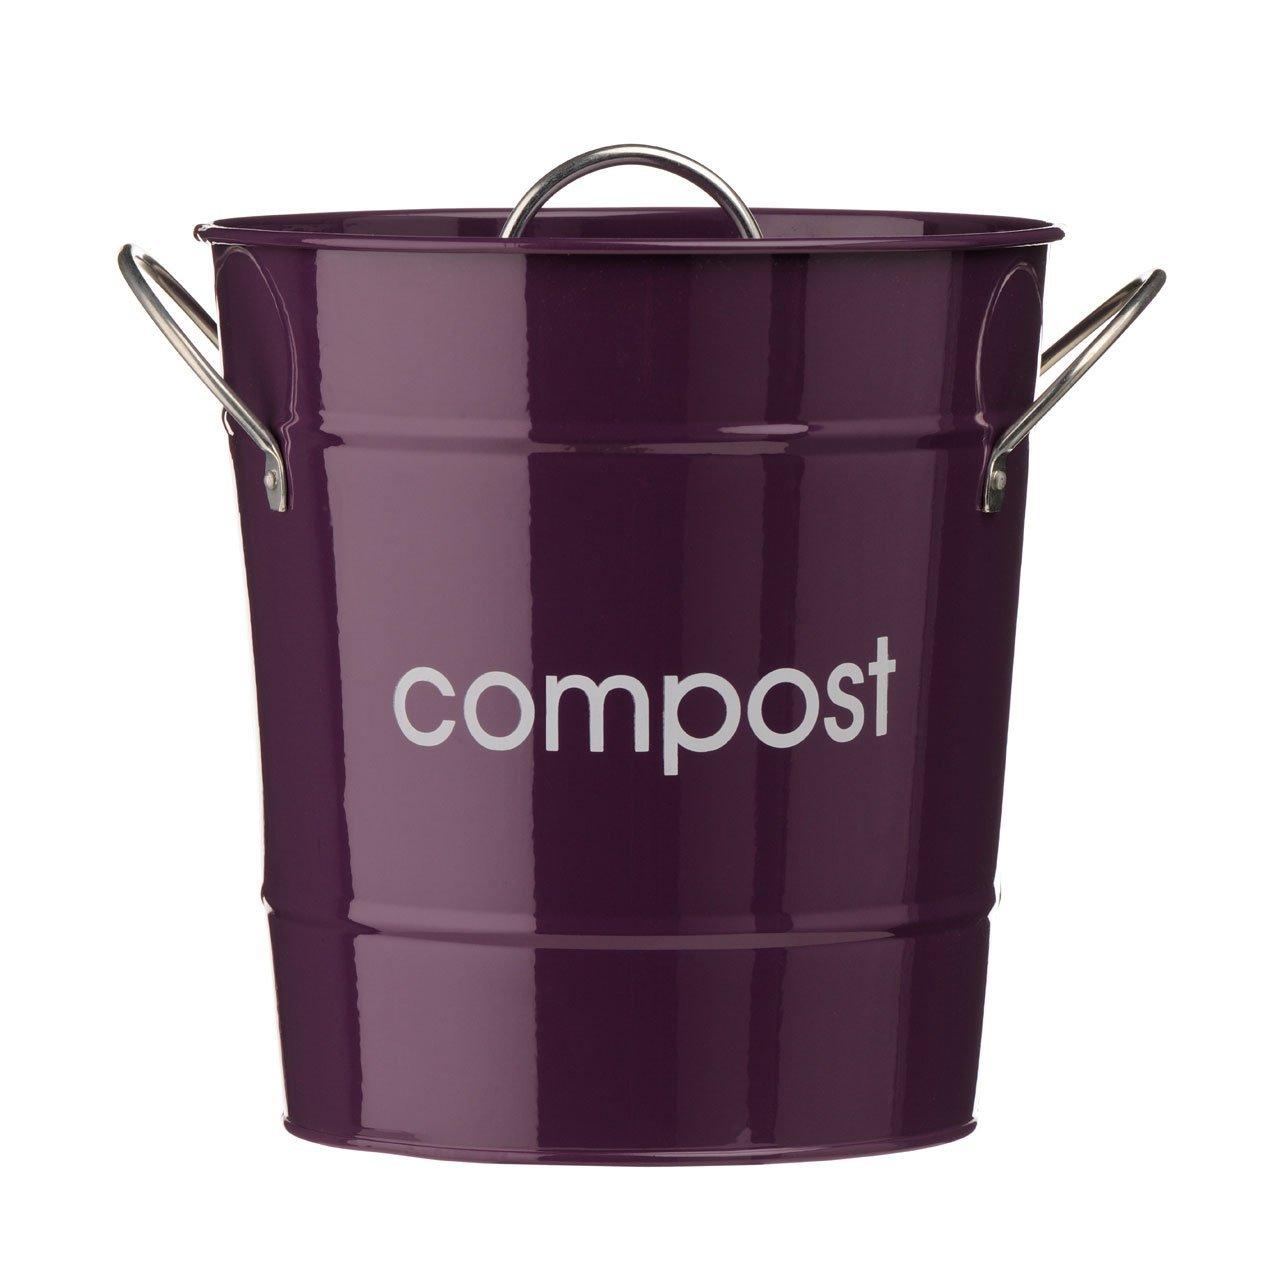 lila küche komposteimer verzinkter stahl pulver beschichtet zink